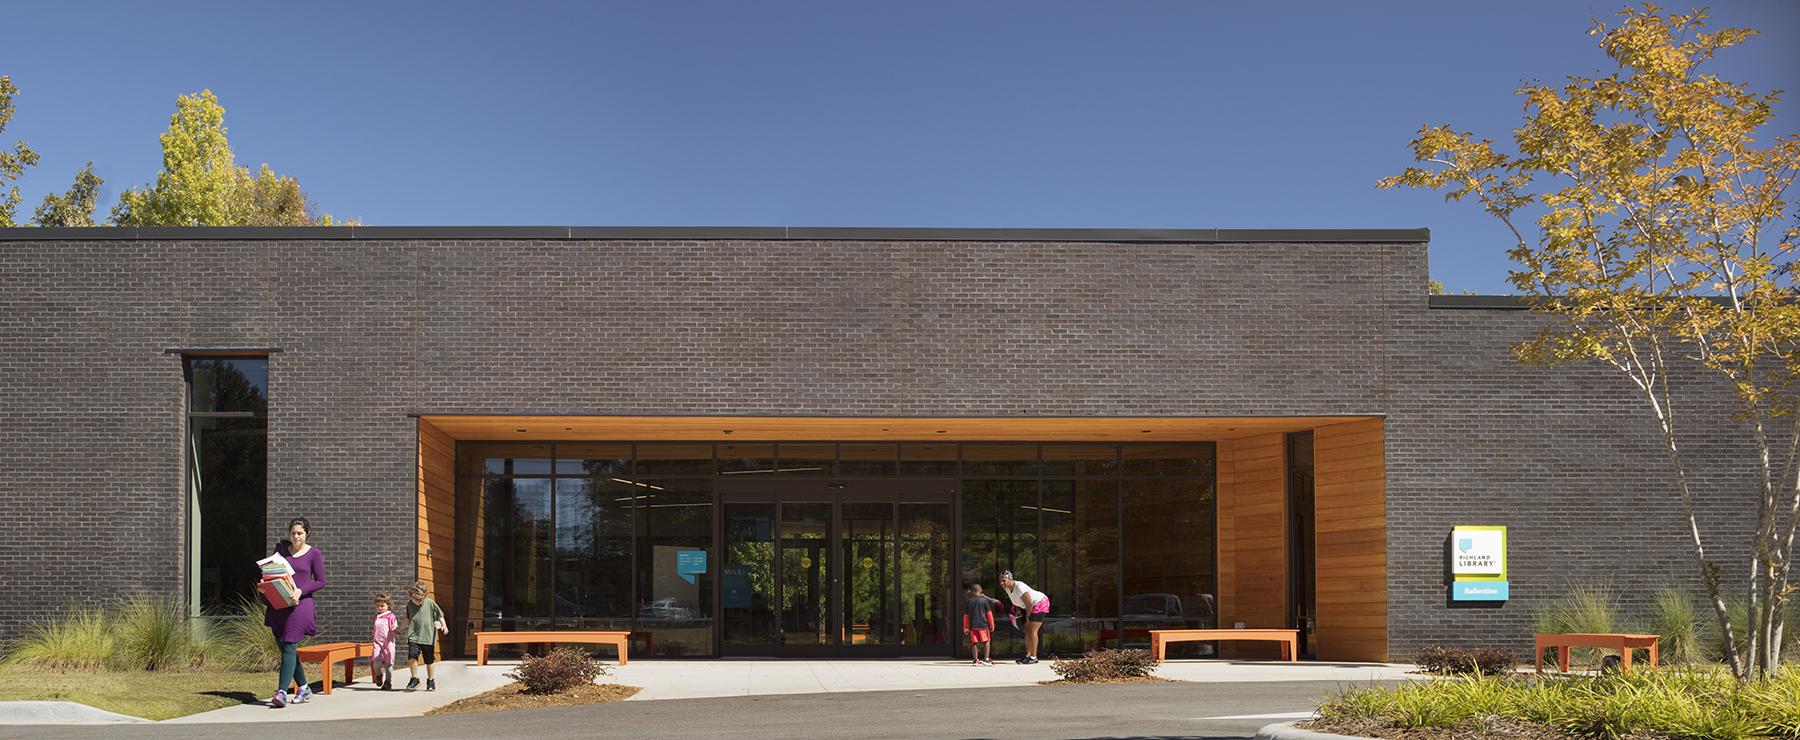 Richland Library Ballentine